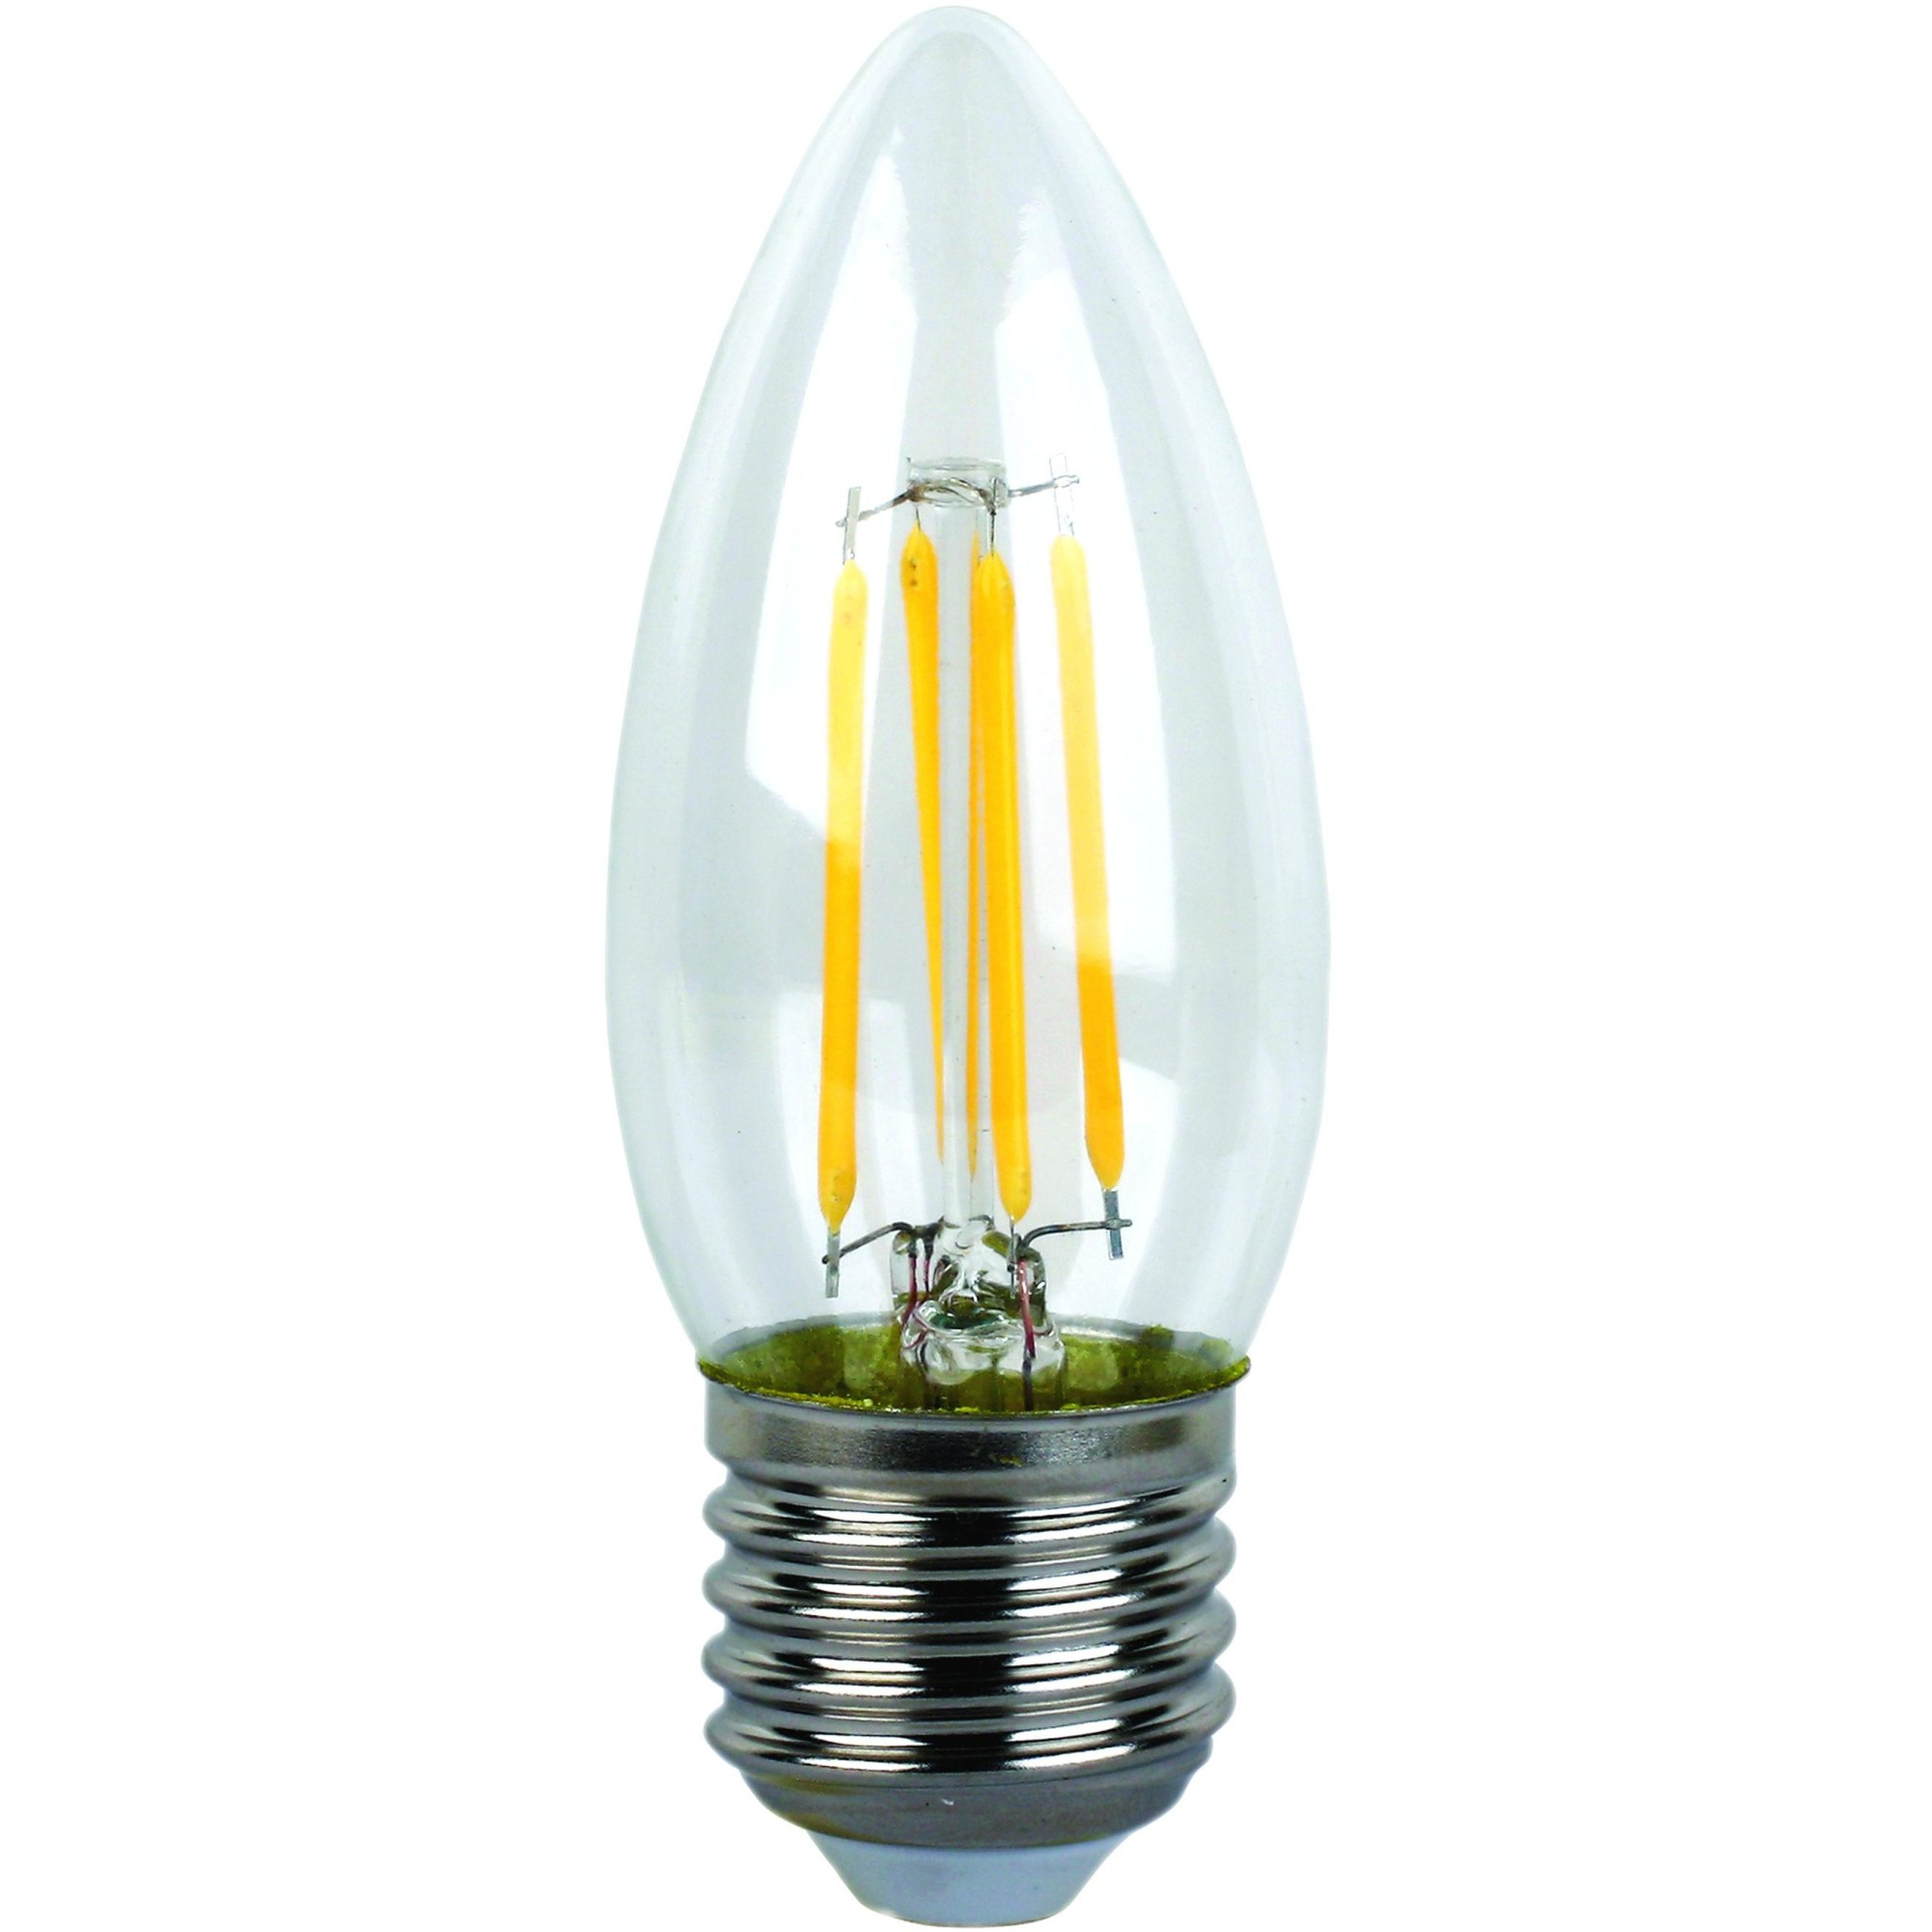 Лампа Ecola Premium светодионая E27 5 Вт свеча 500 Лм нейтральный свет